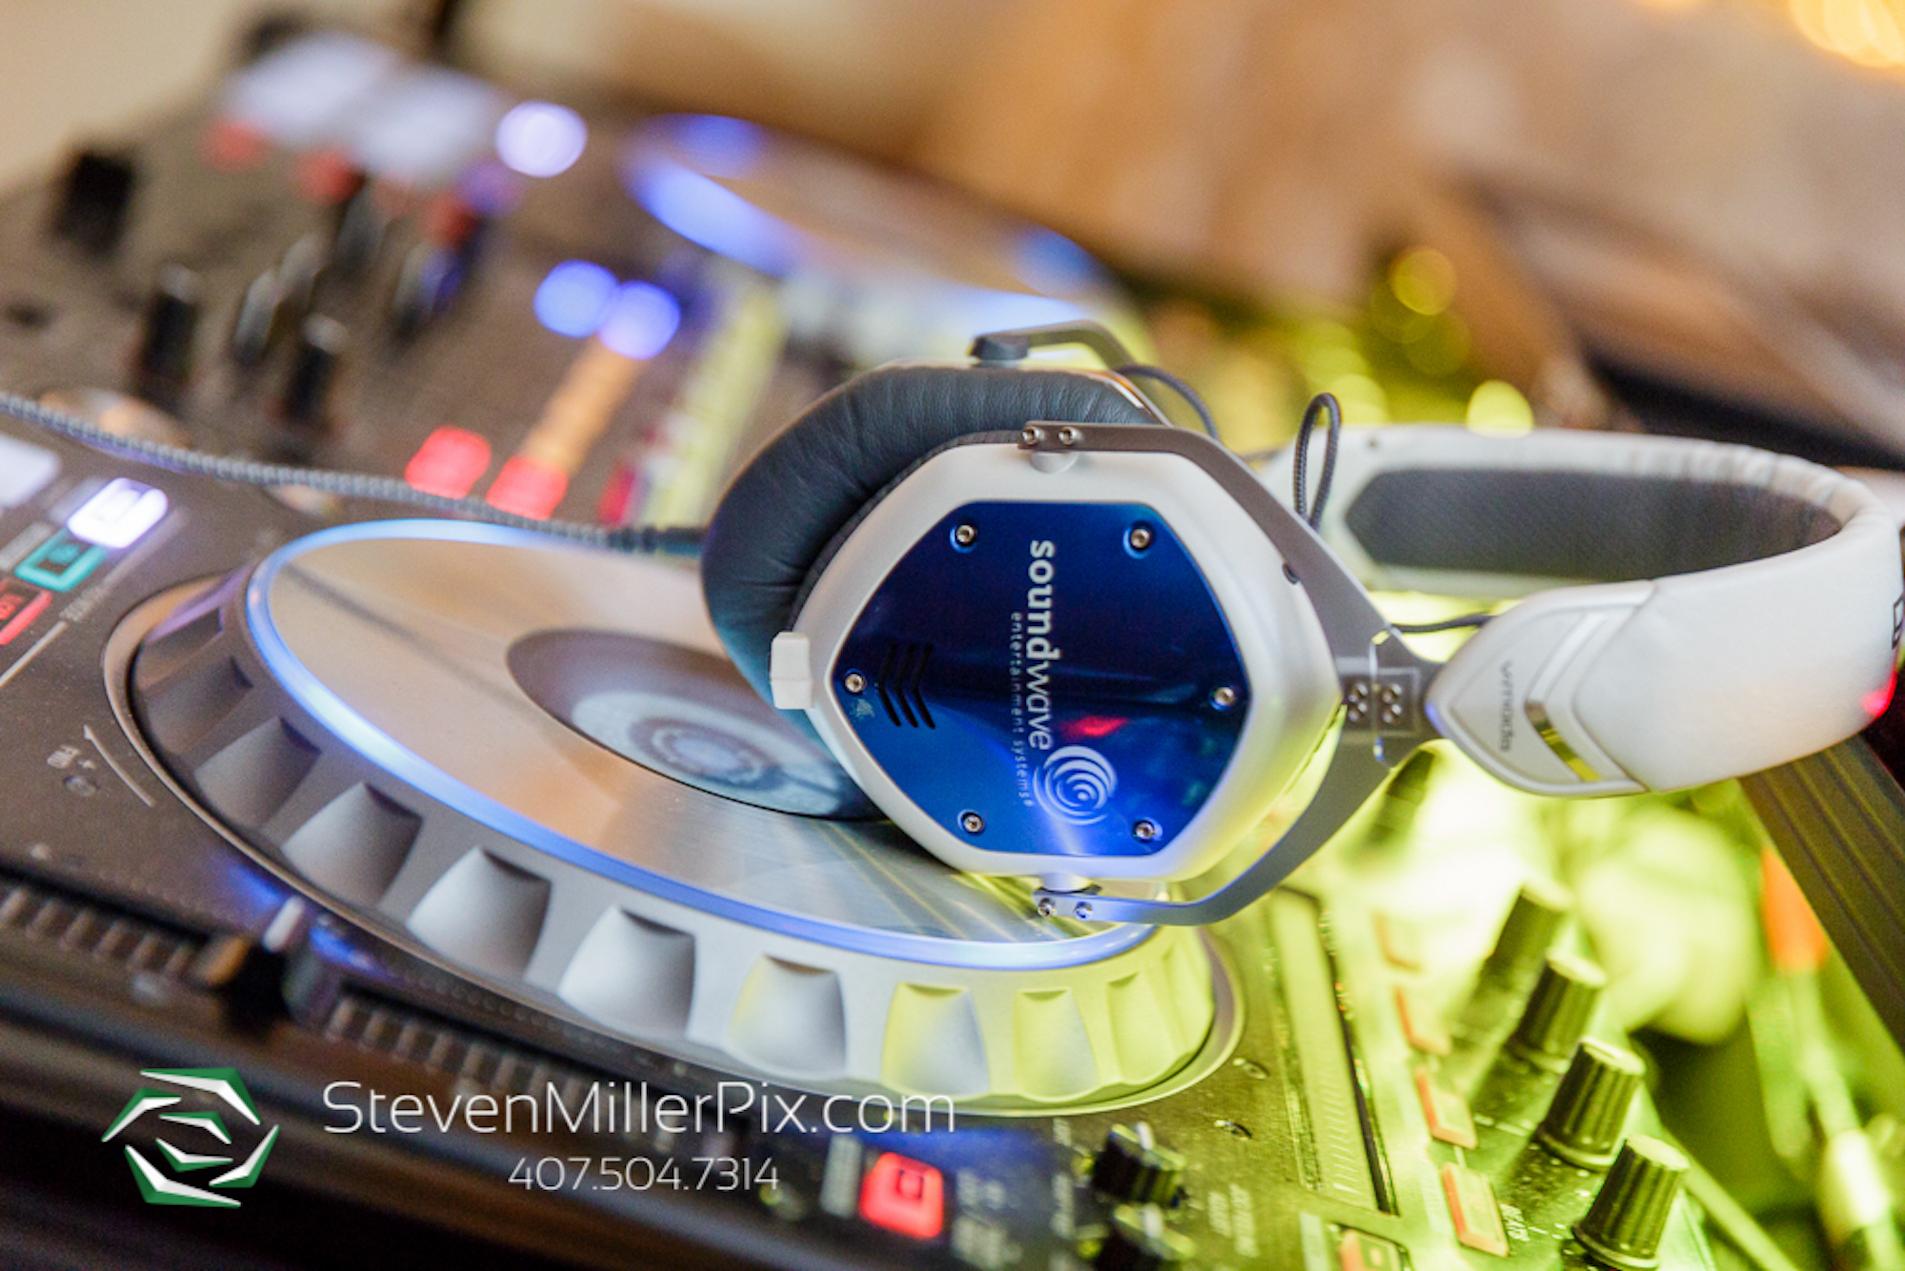 soundwave entertainment - orlando dj - orlando wedding dj - orlando, fl